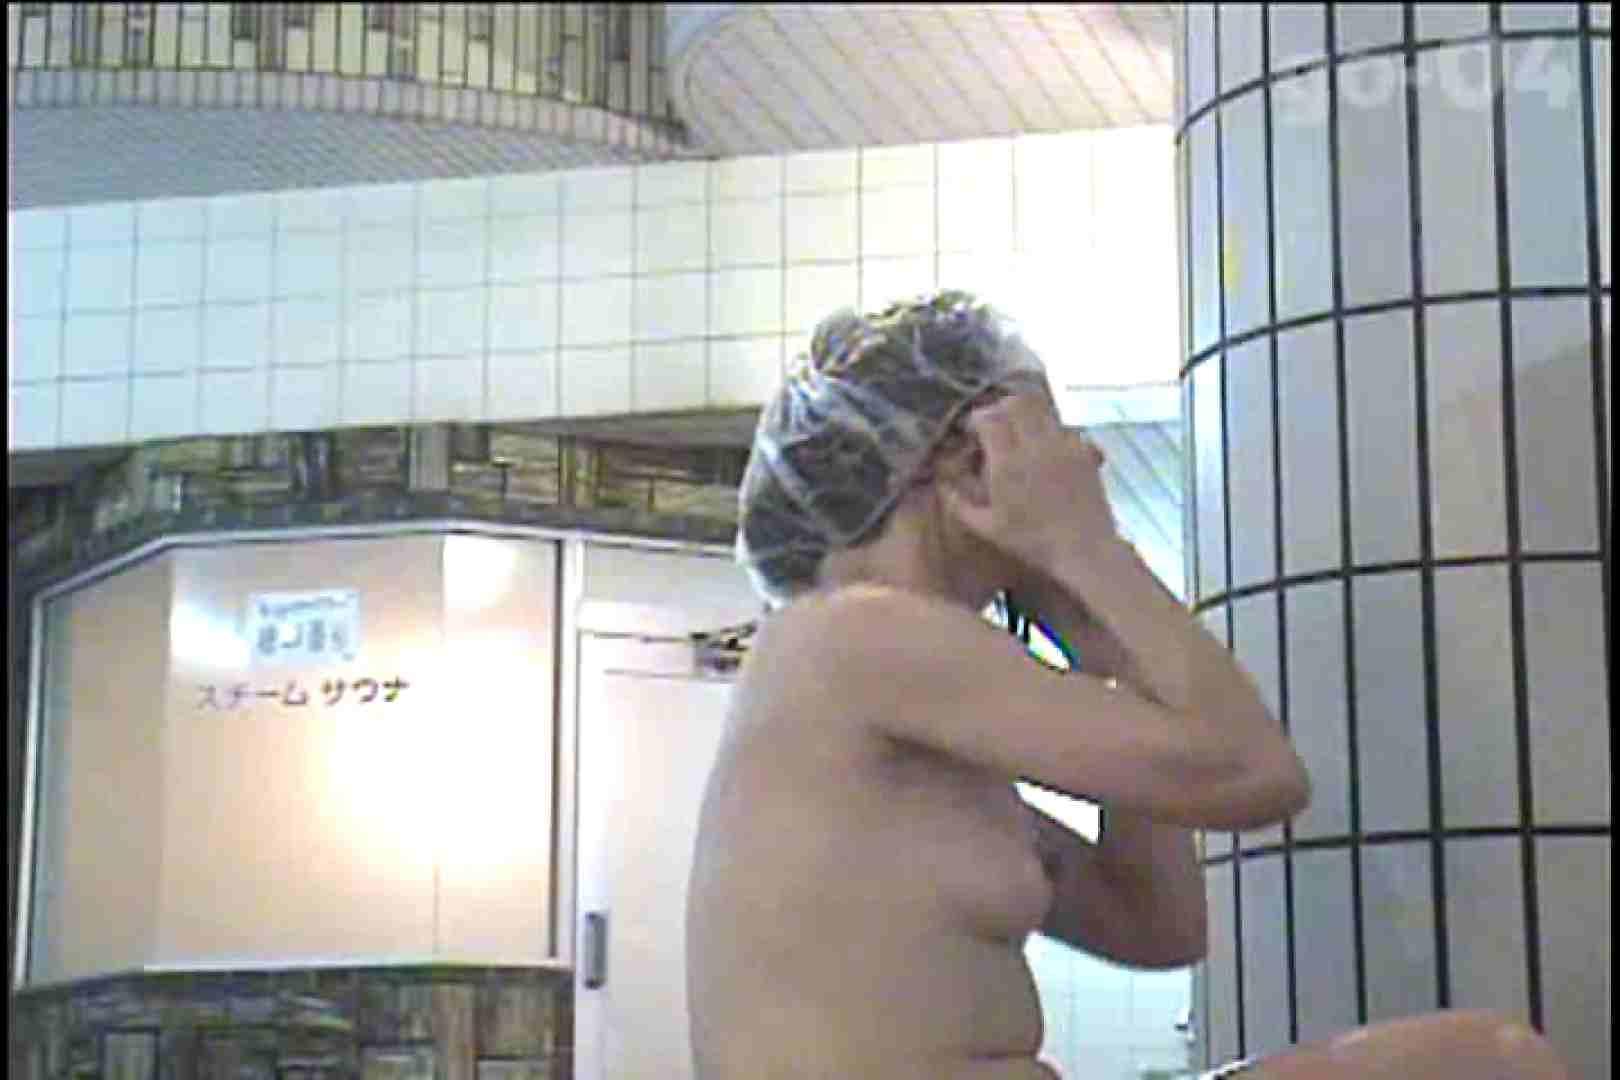 電波カメラ設置浴場からの防HAN映像 Vol.04 丸見え おまんこ無修正動画無料 88画像 83